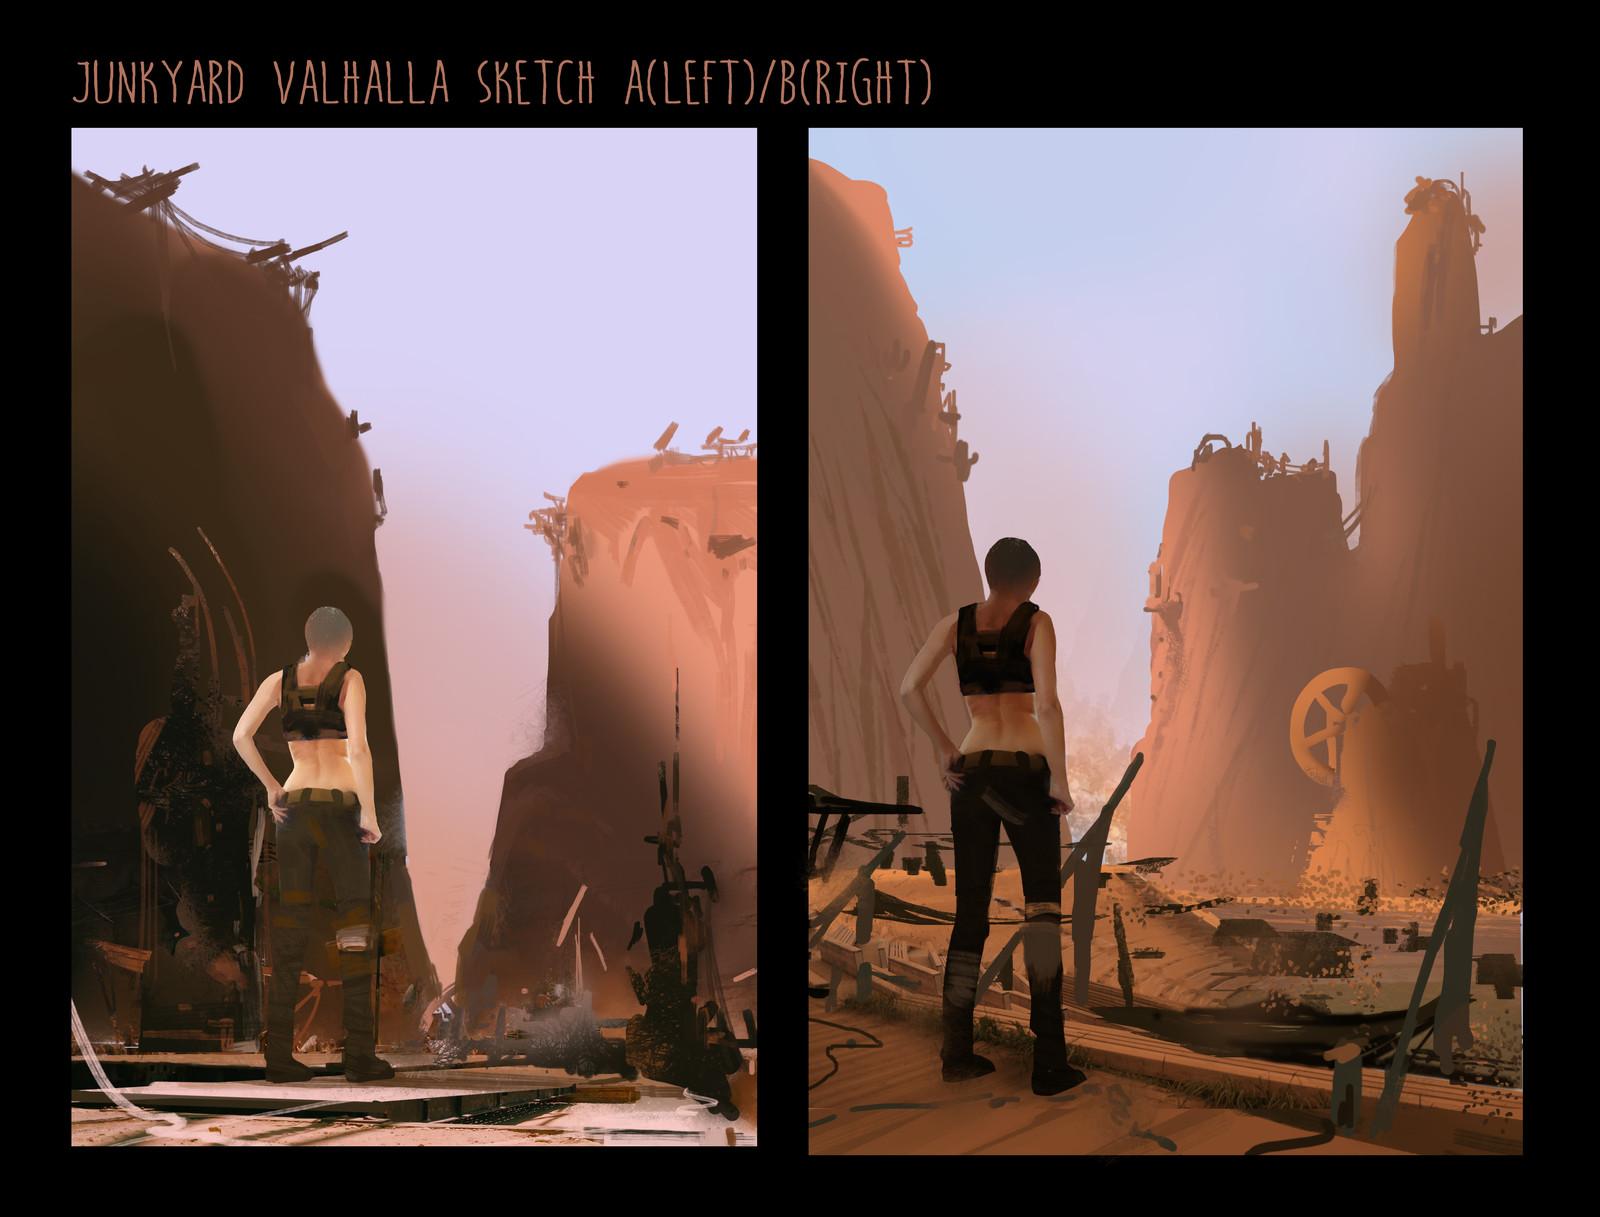 Junkyard Valhalla sketch02